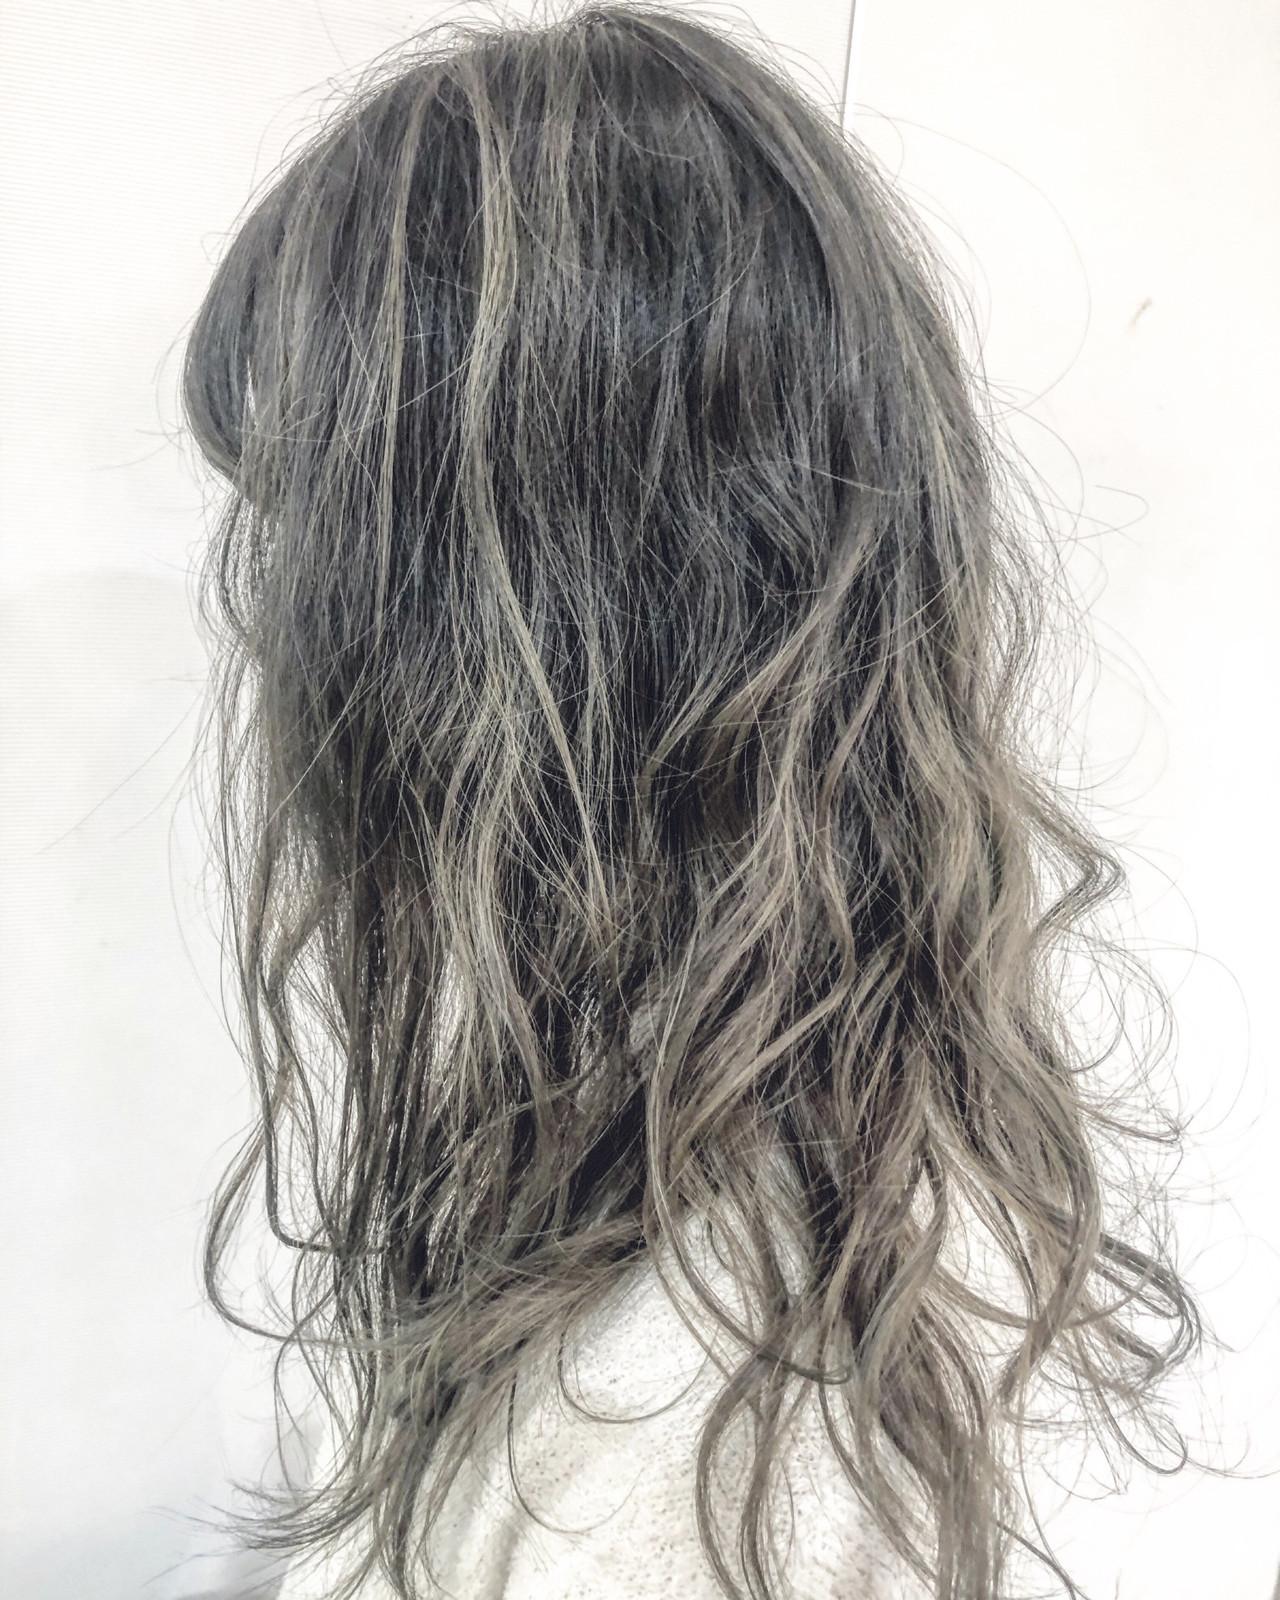 アディクシーカラー ナチュラル セミロング 大人ハイライト ヘアスタイルや髪型の写真・画像 | 米崎勇 / felicita